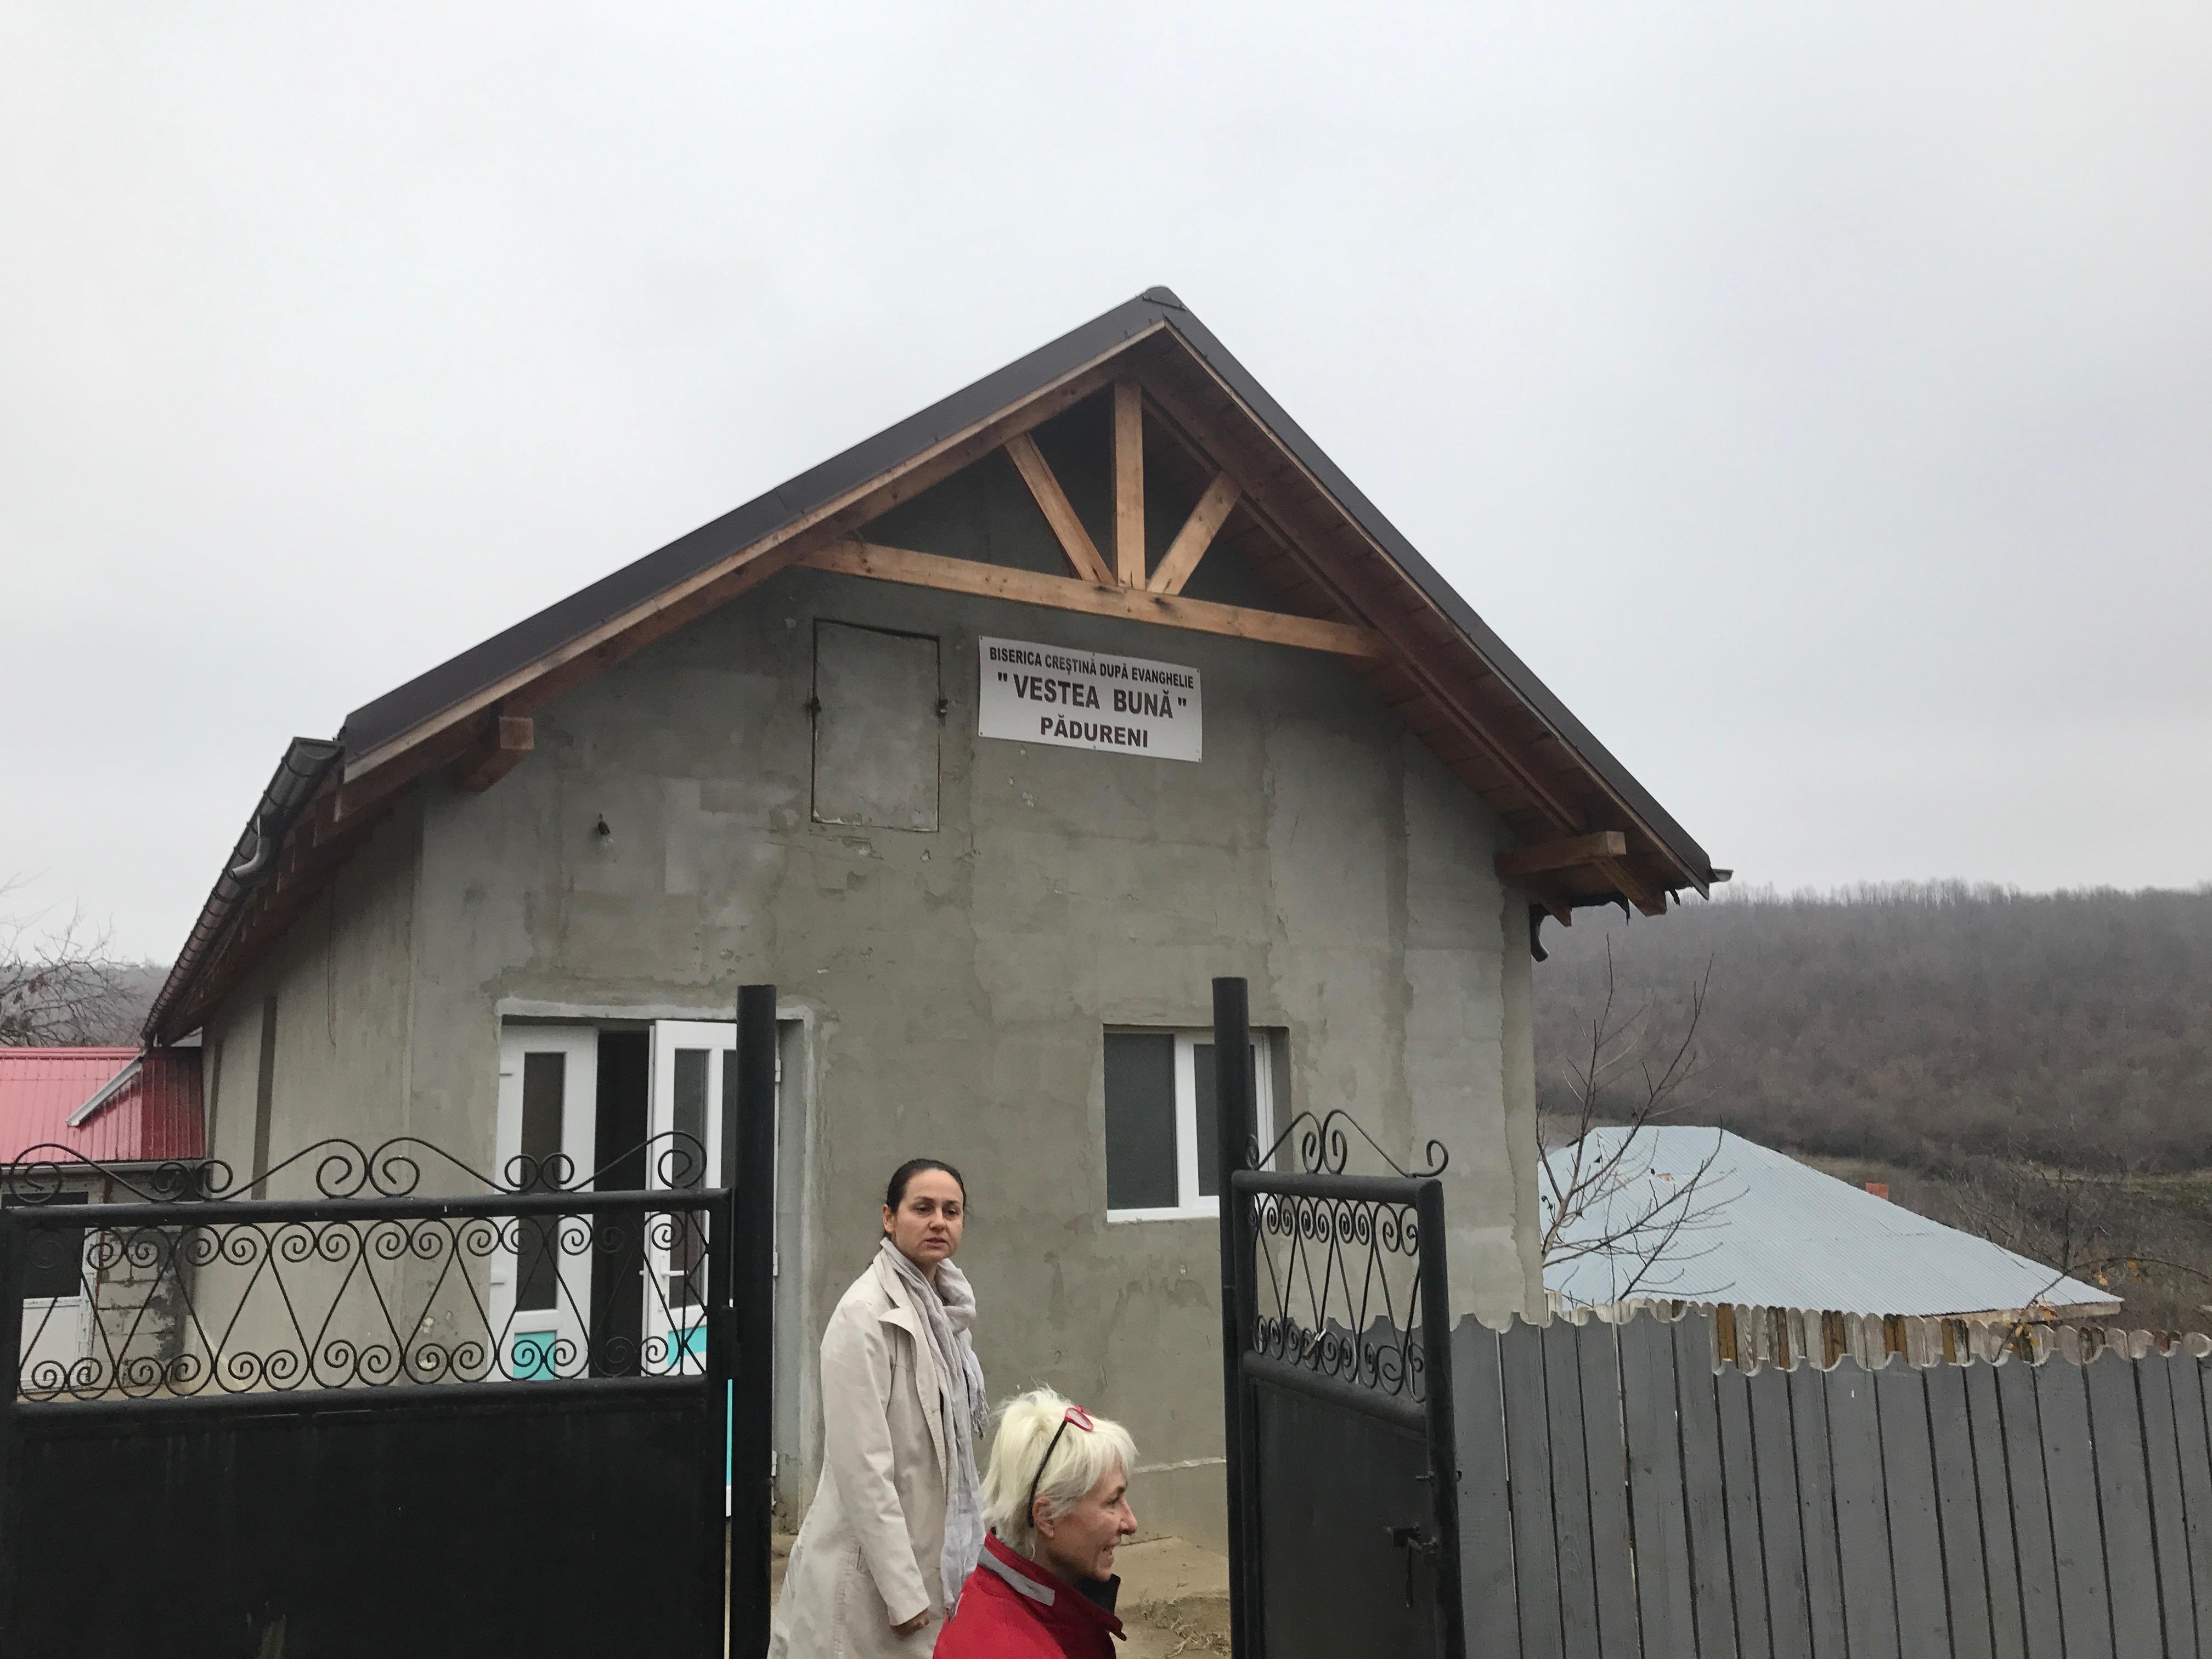 Locale che la Chiesa di Negresti ha costruito per gli abitanti di Padureni